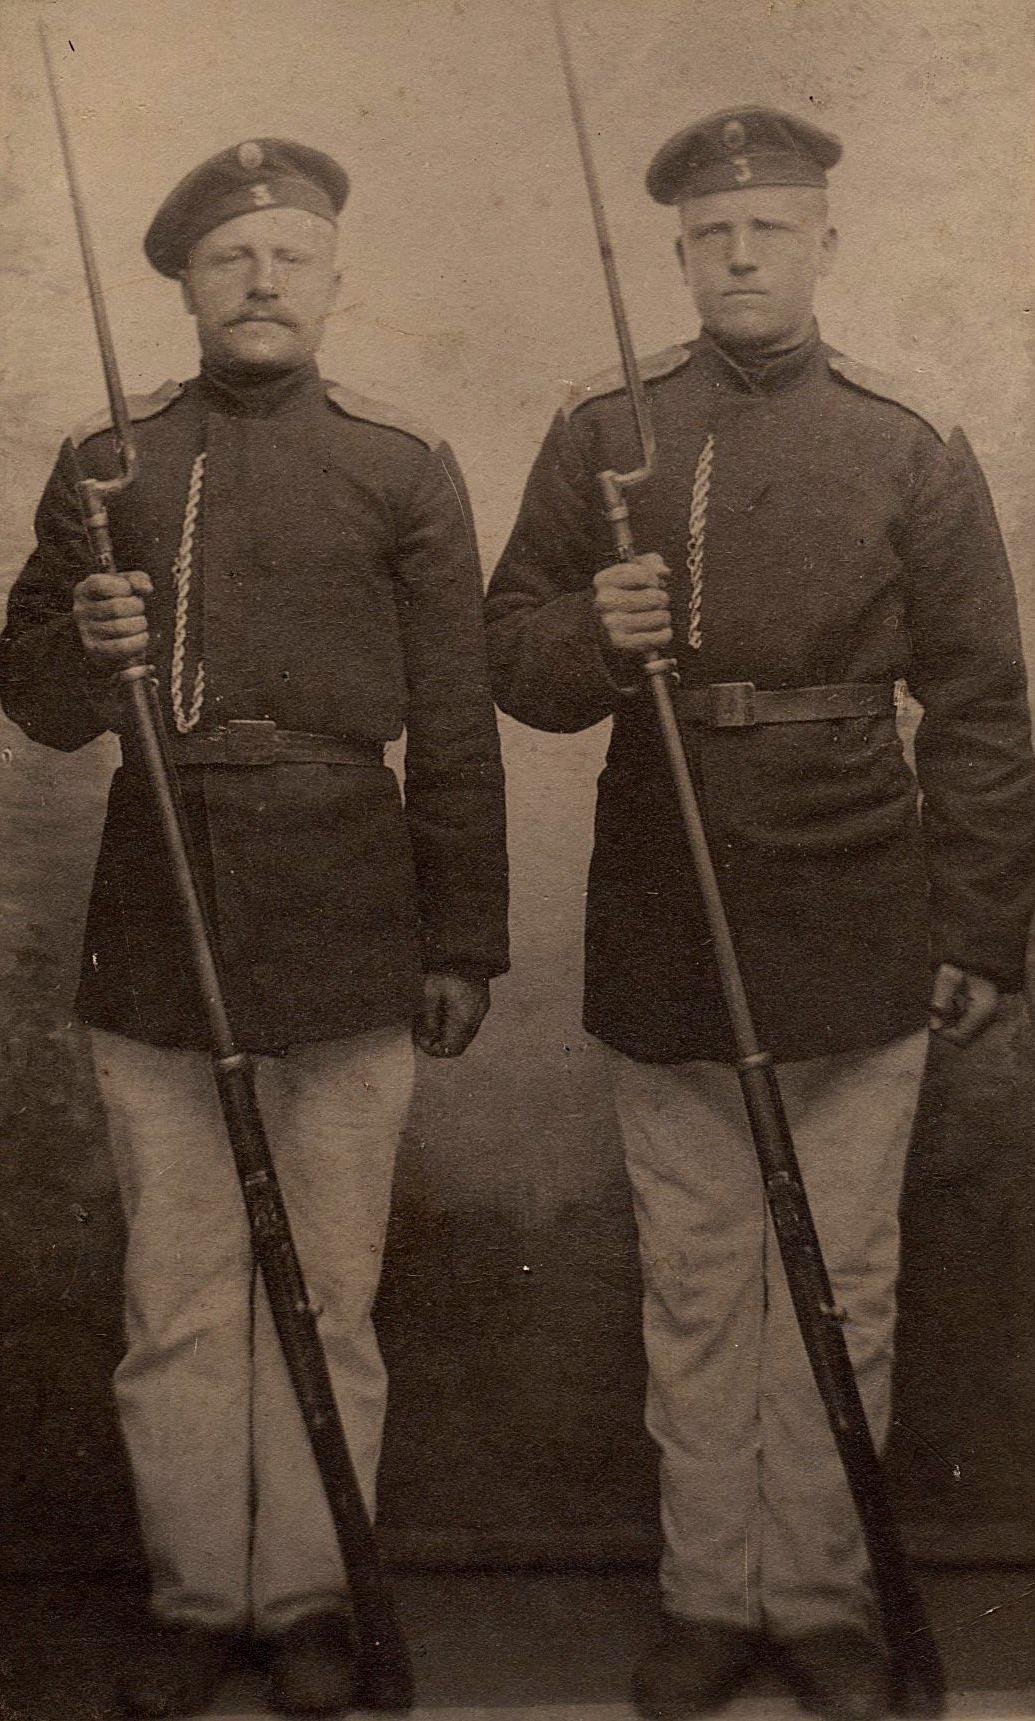 I slutet av 1800-talet var grannarna Nyroos Viktor t.v. och Storkull Josef Henrik i 3 års tid i den ryska militären.